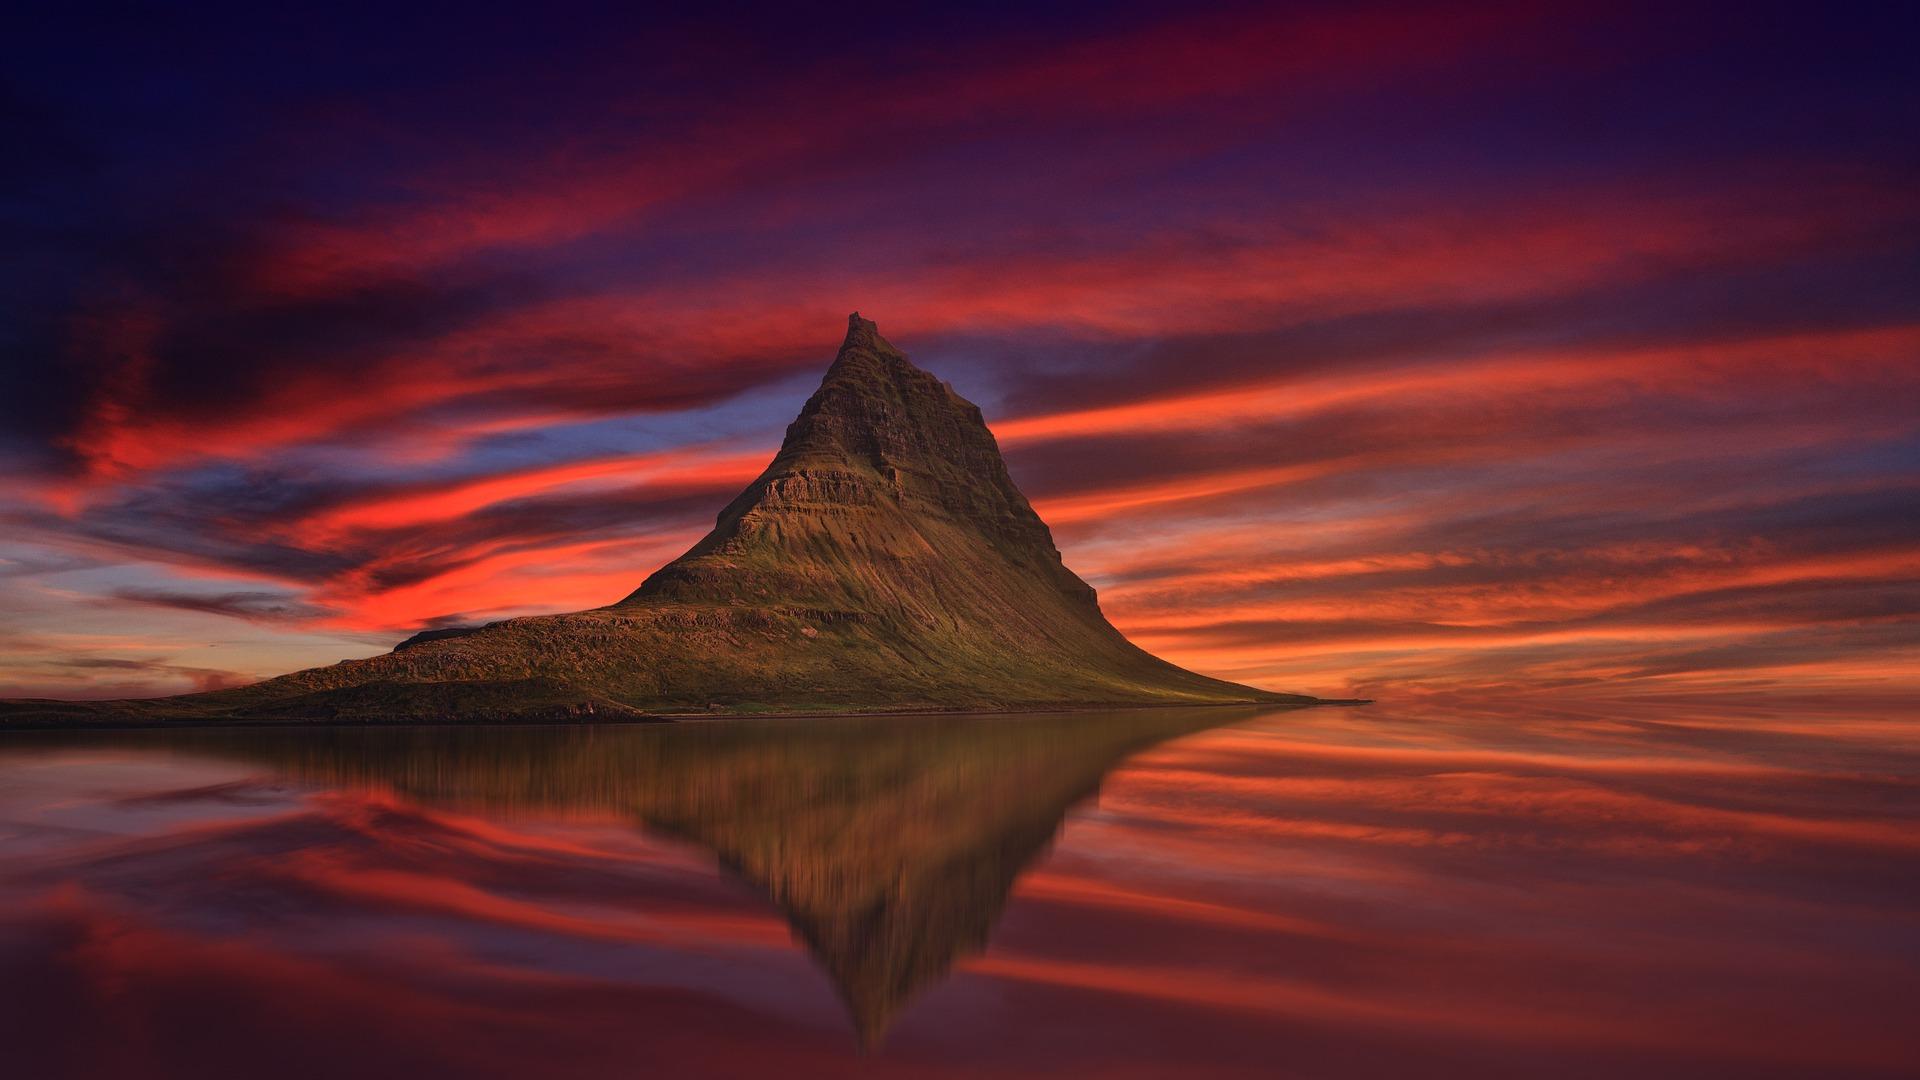 טיול מקיף לאיסלנד | 9 ימים, 7 לילות 11.08